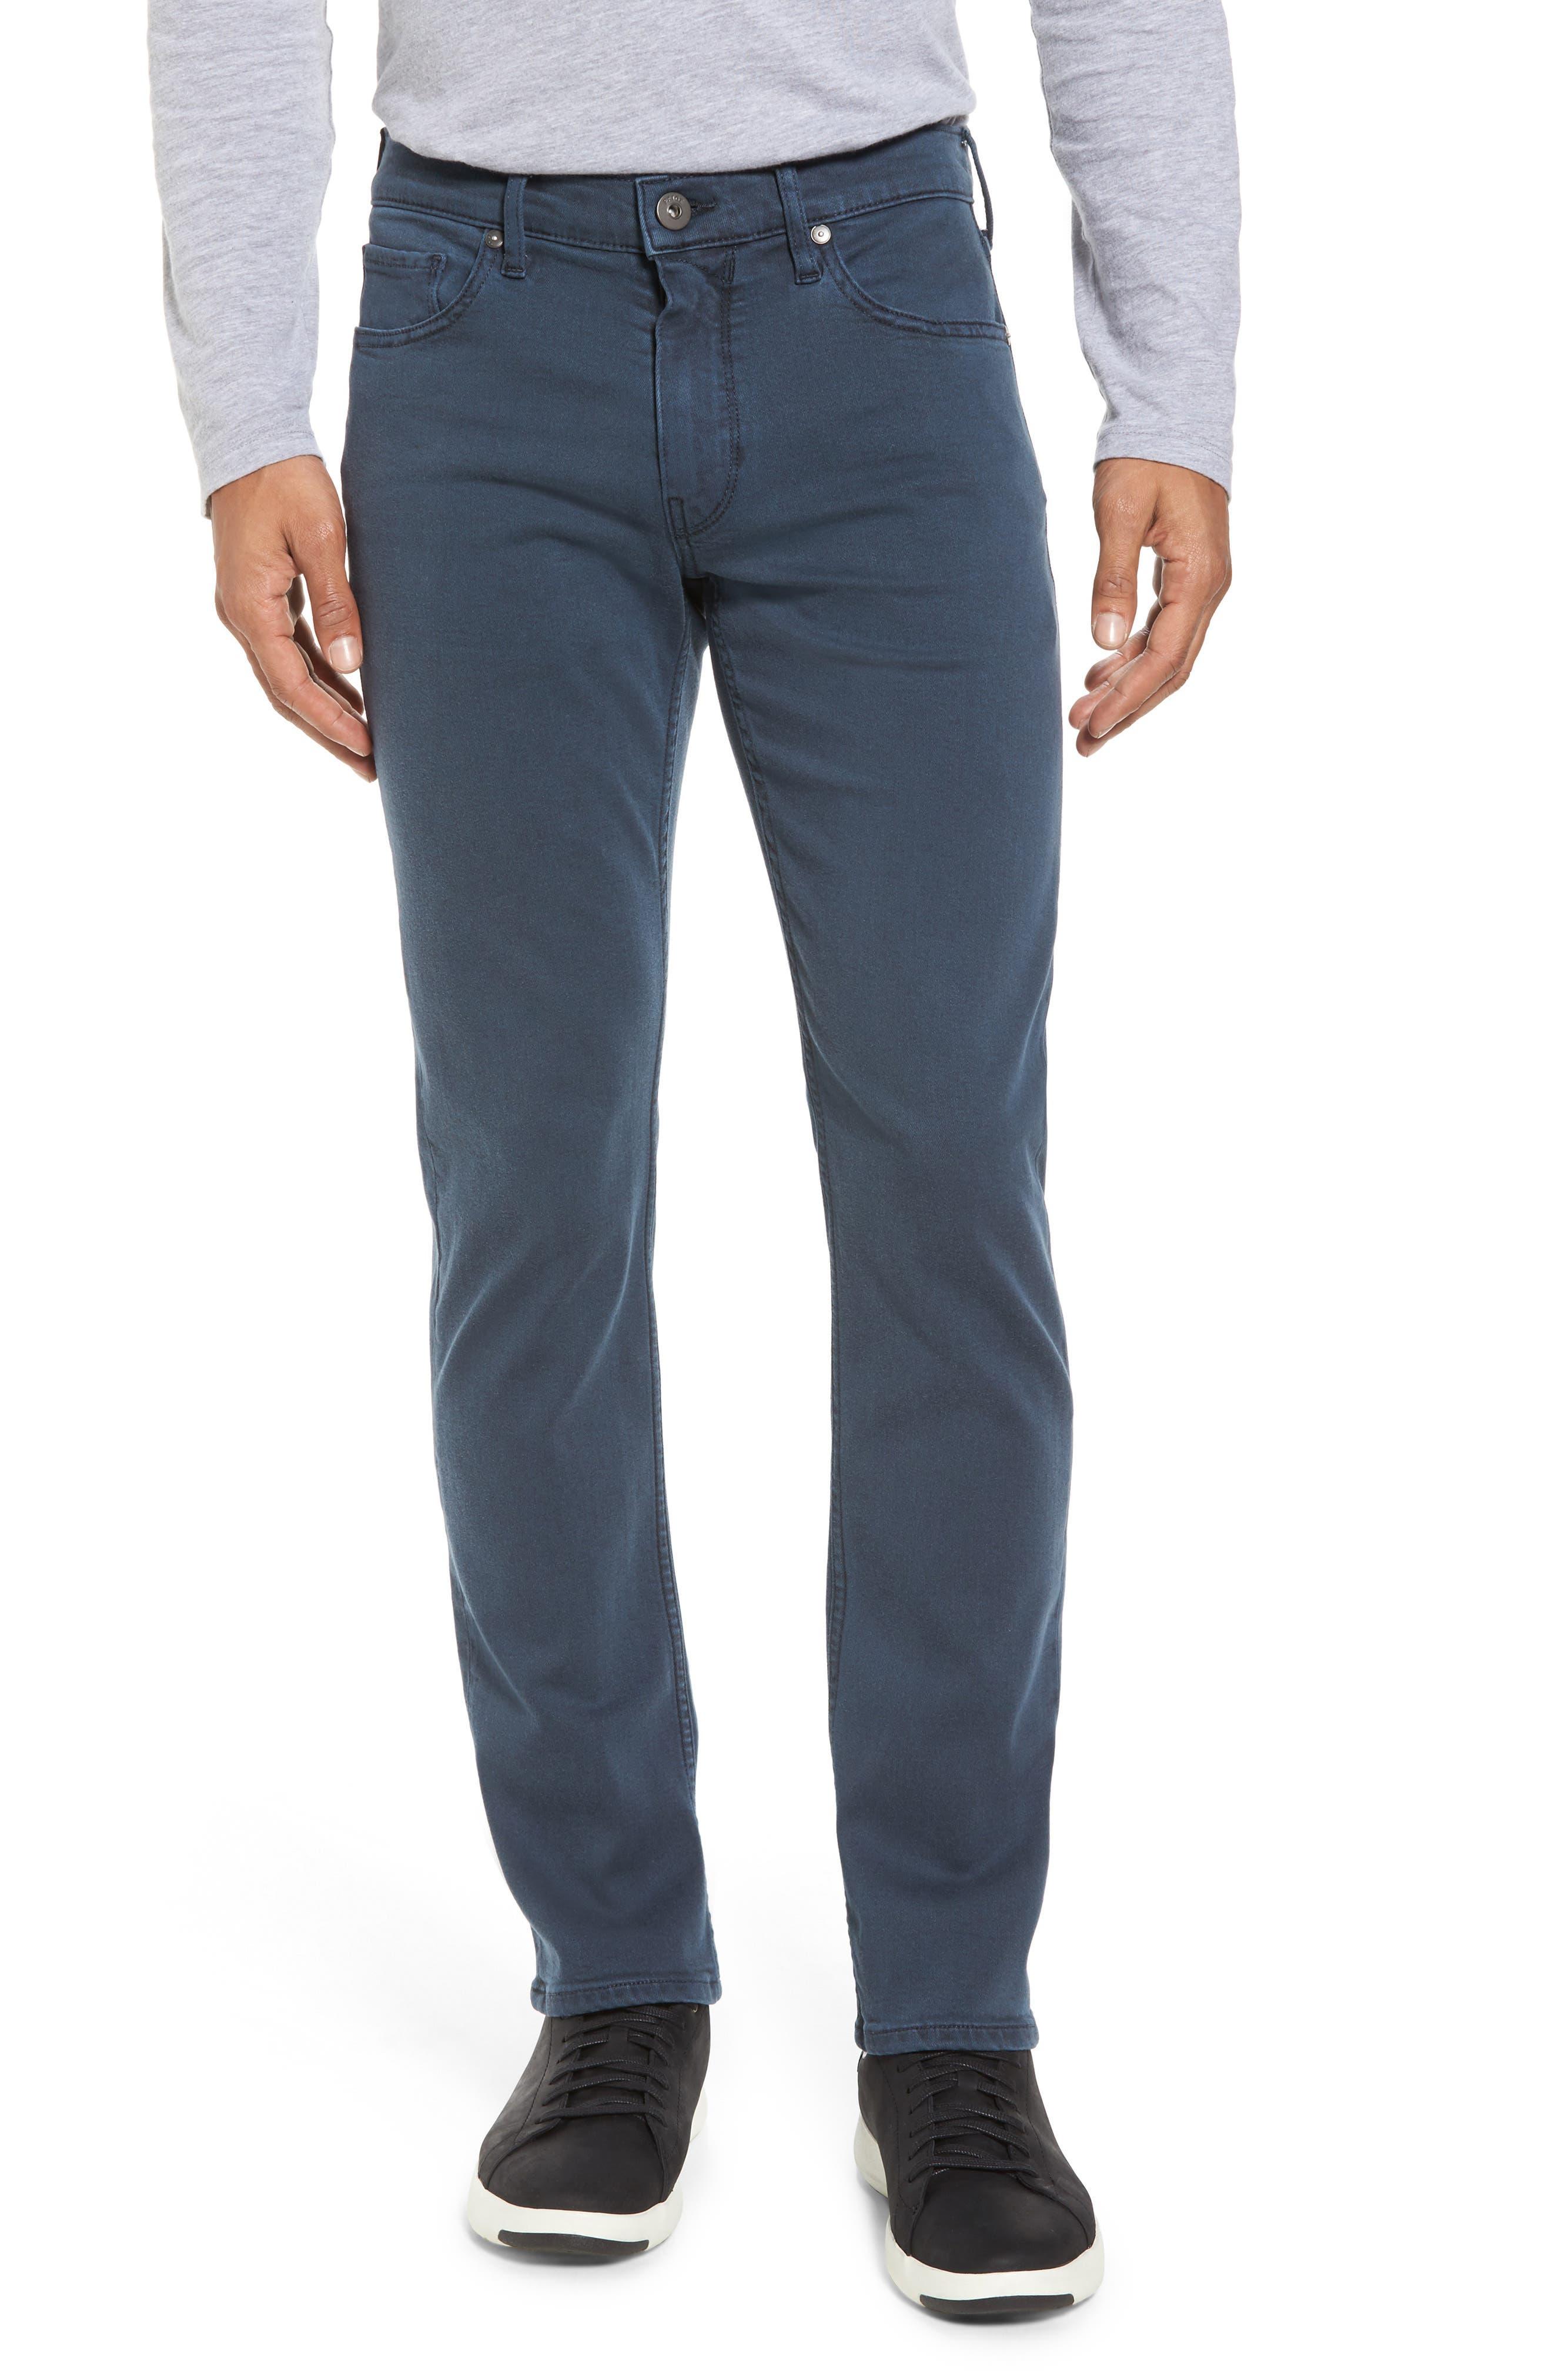 Lennox Slim Fit Jeans,                         Main,                         color, Vintage Amalfi